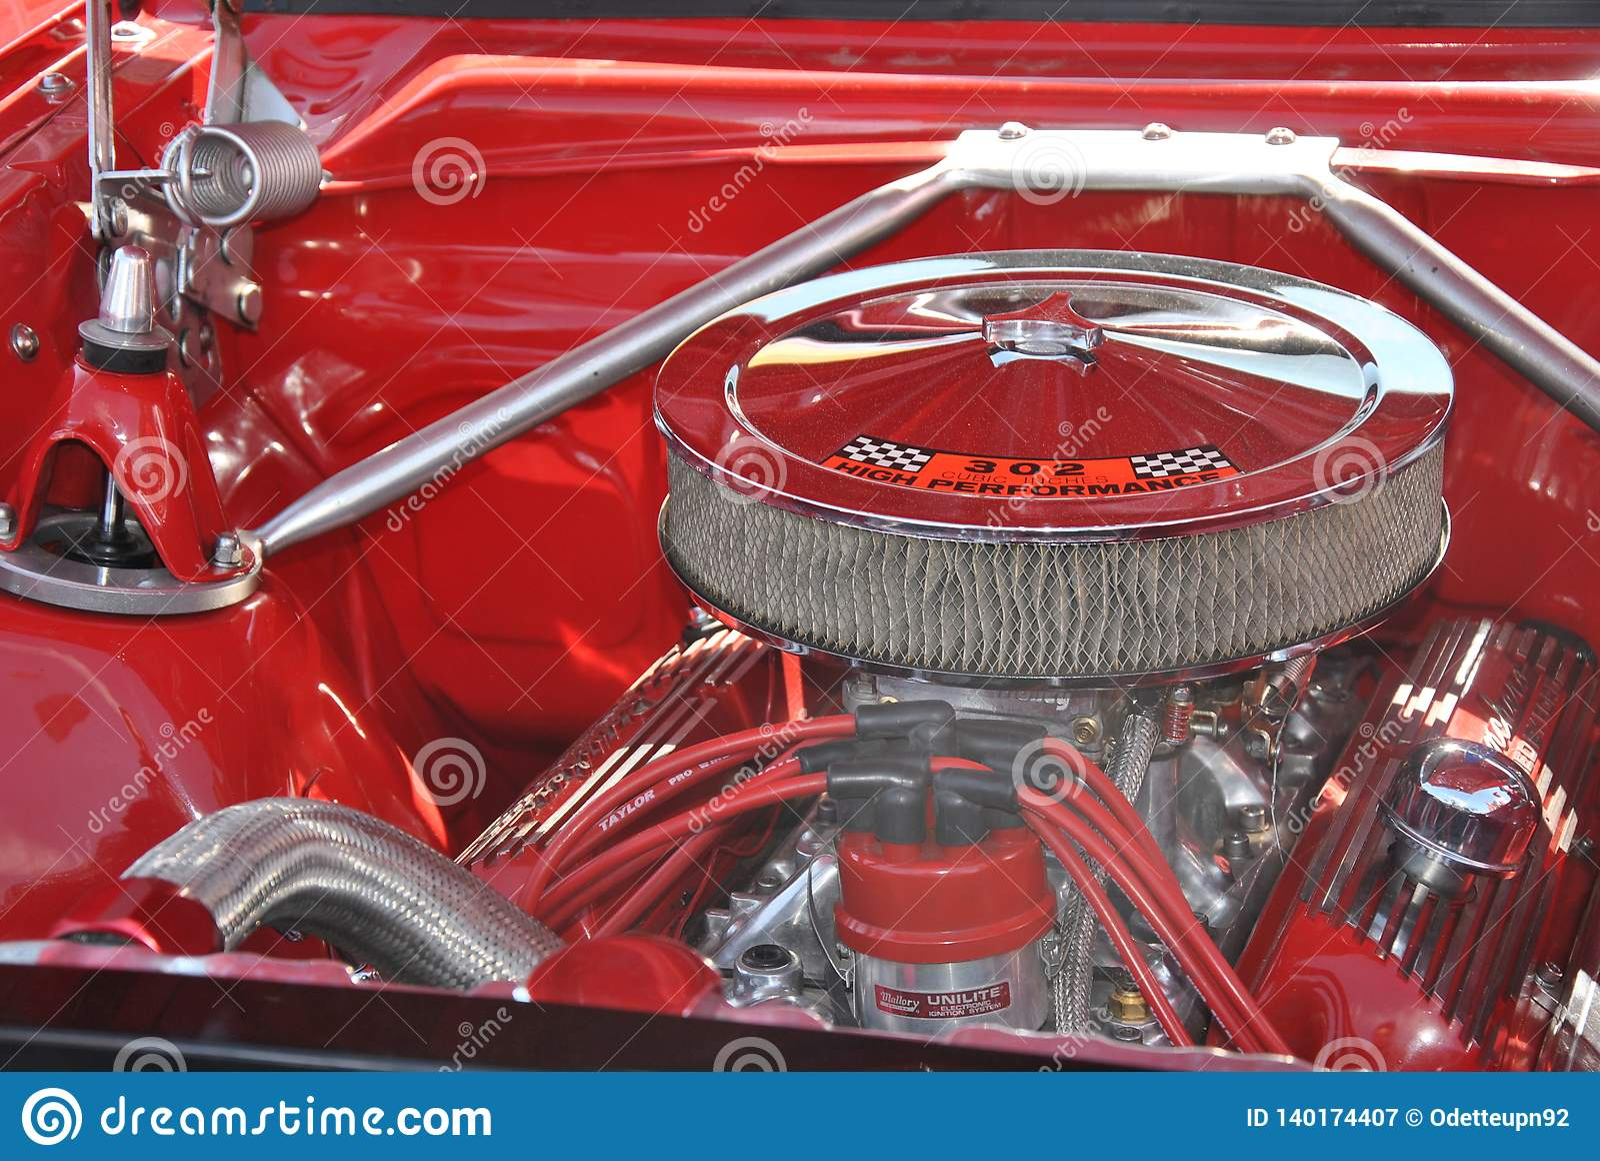 Motor cromado brilhante do caminhão vermelho velho